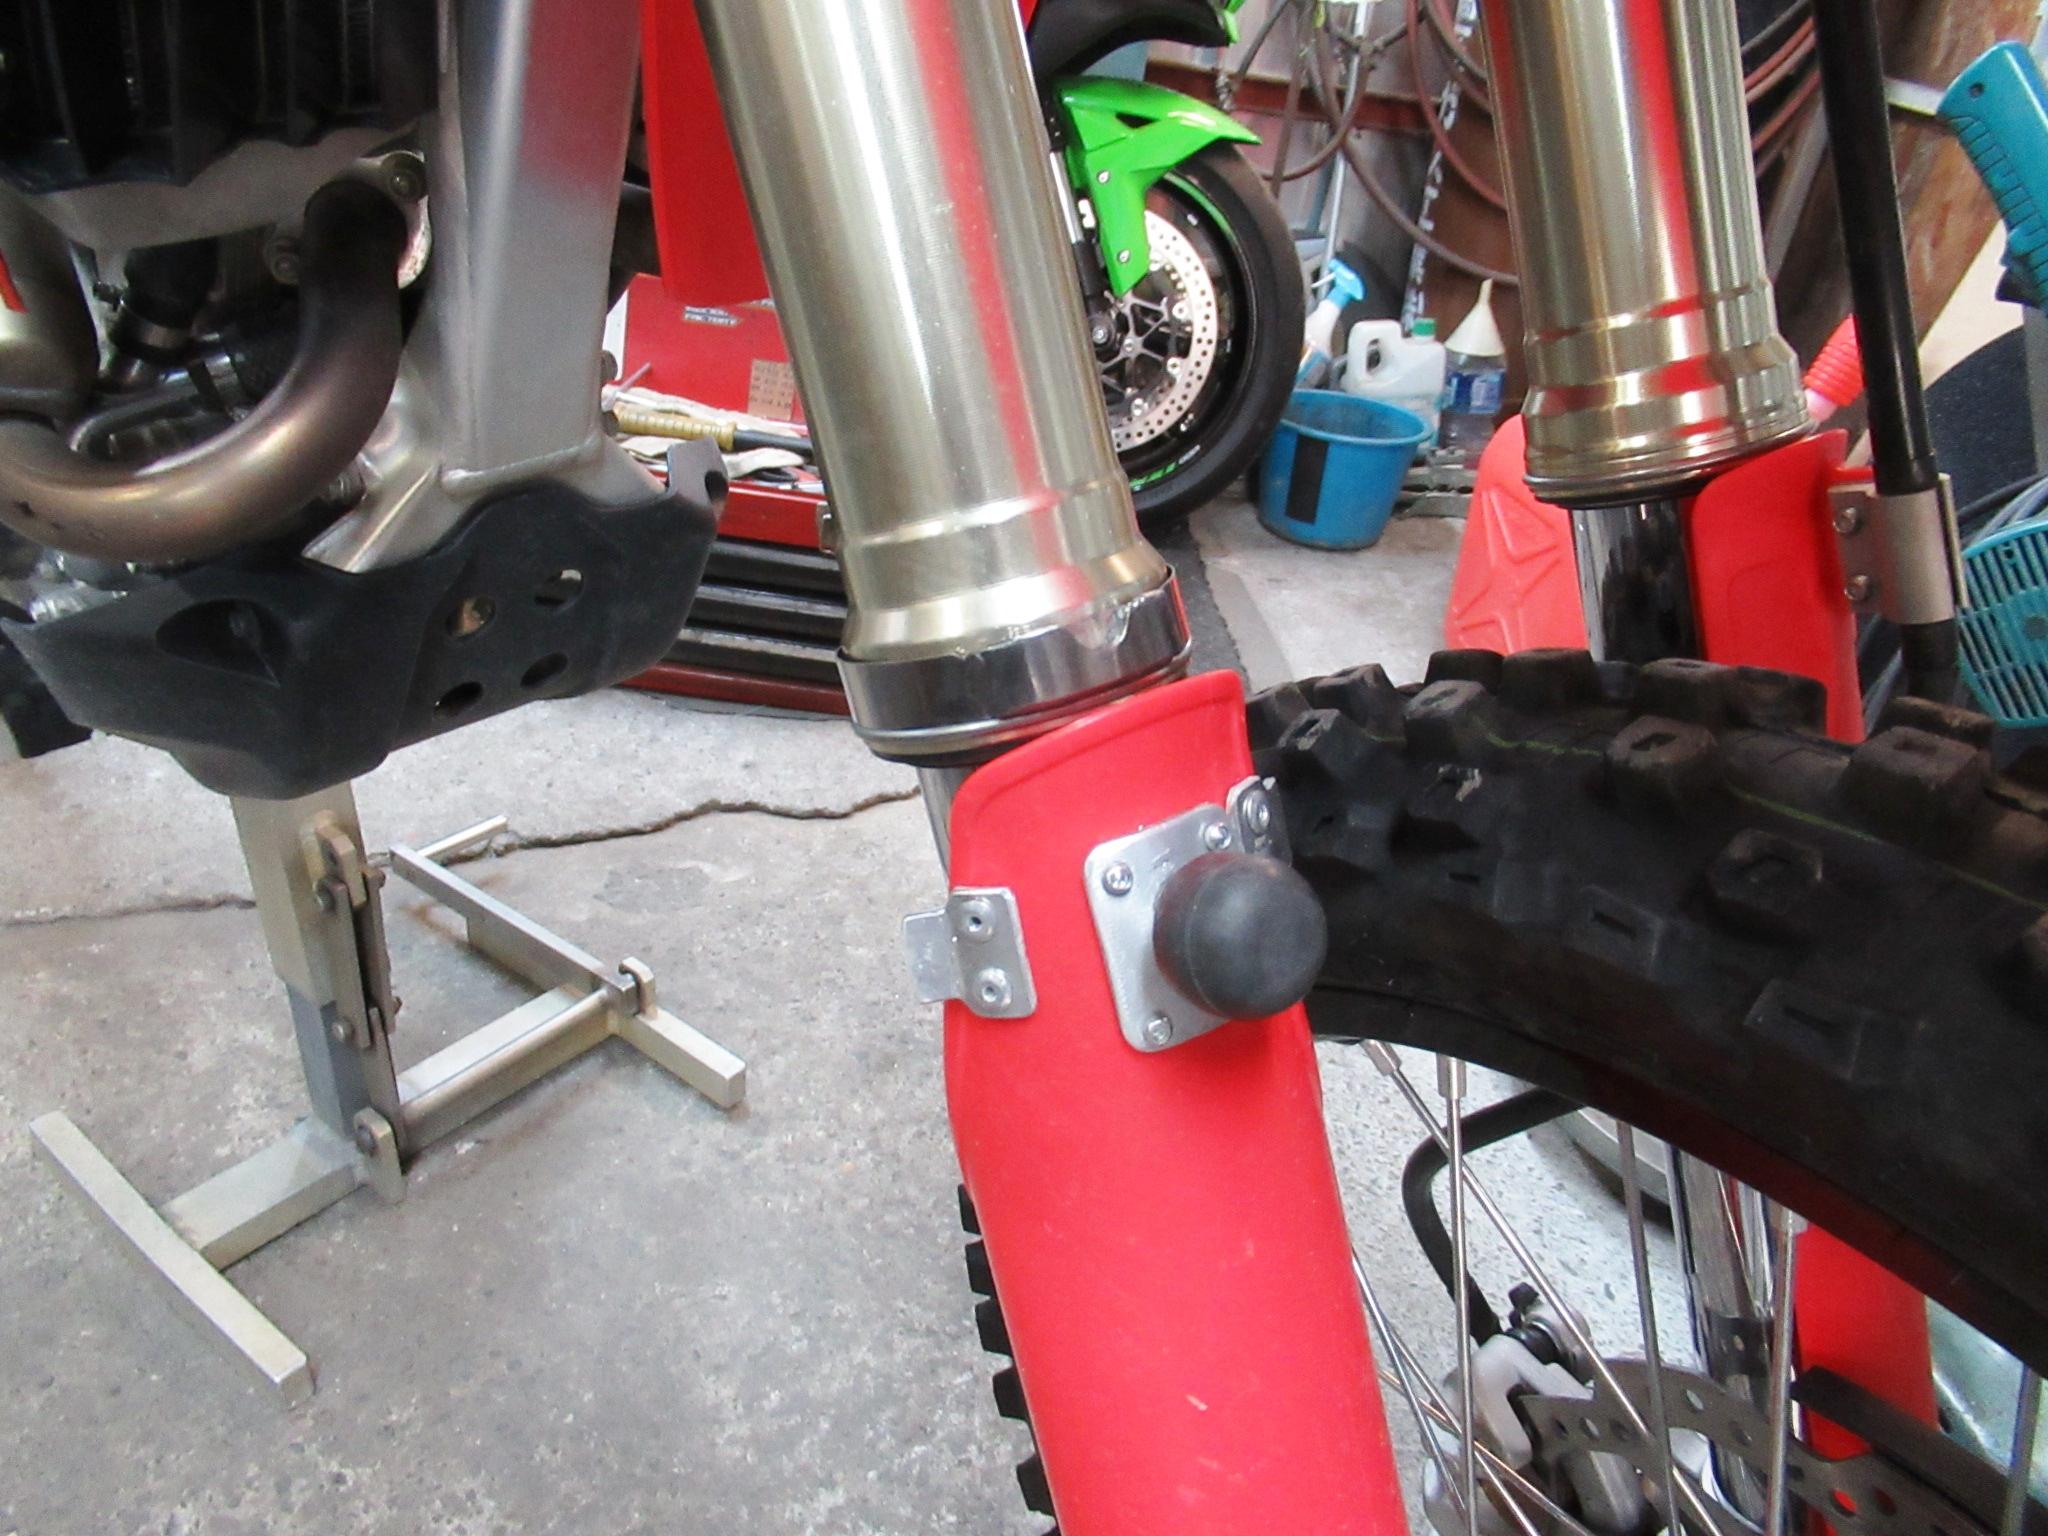 http://www.precious-factory.com/preciousfactory2010/IMG_0069.JPG